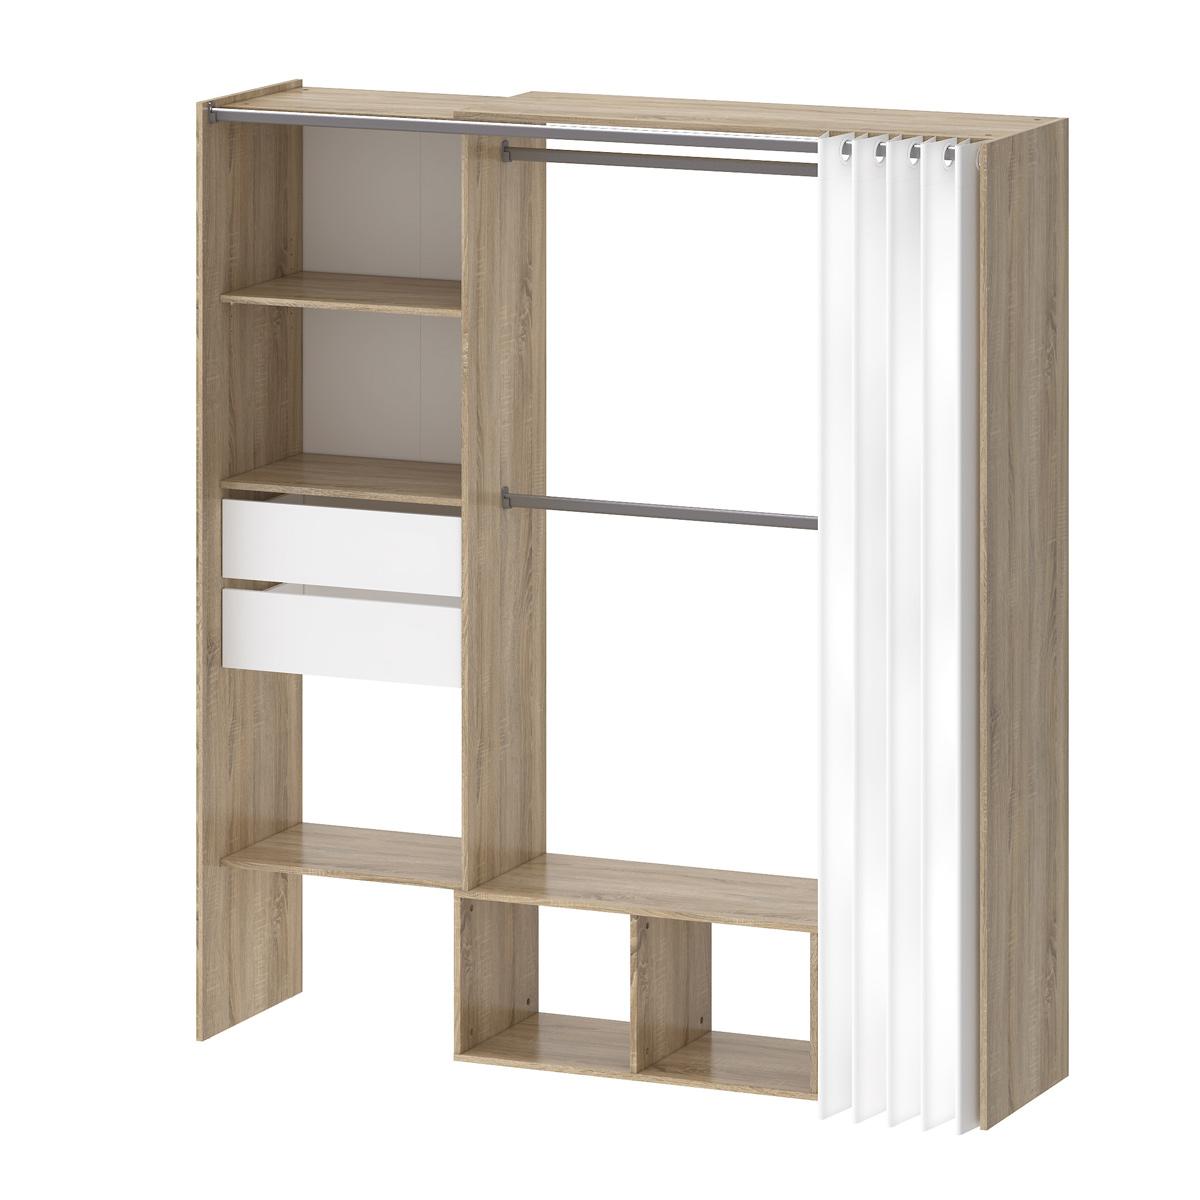 Garderoben-Schrank Regal TRIXX Eiche Struktur weiß 180x200cm ...